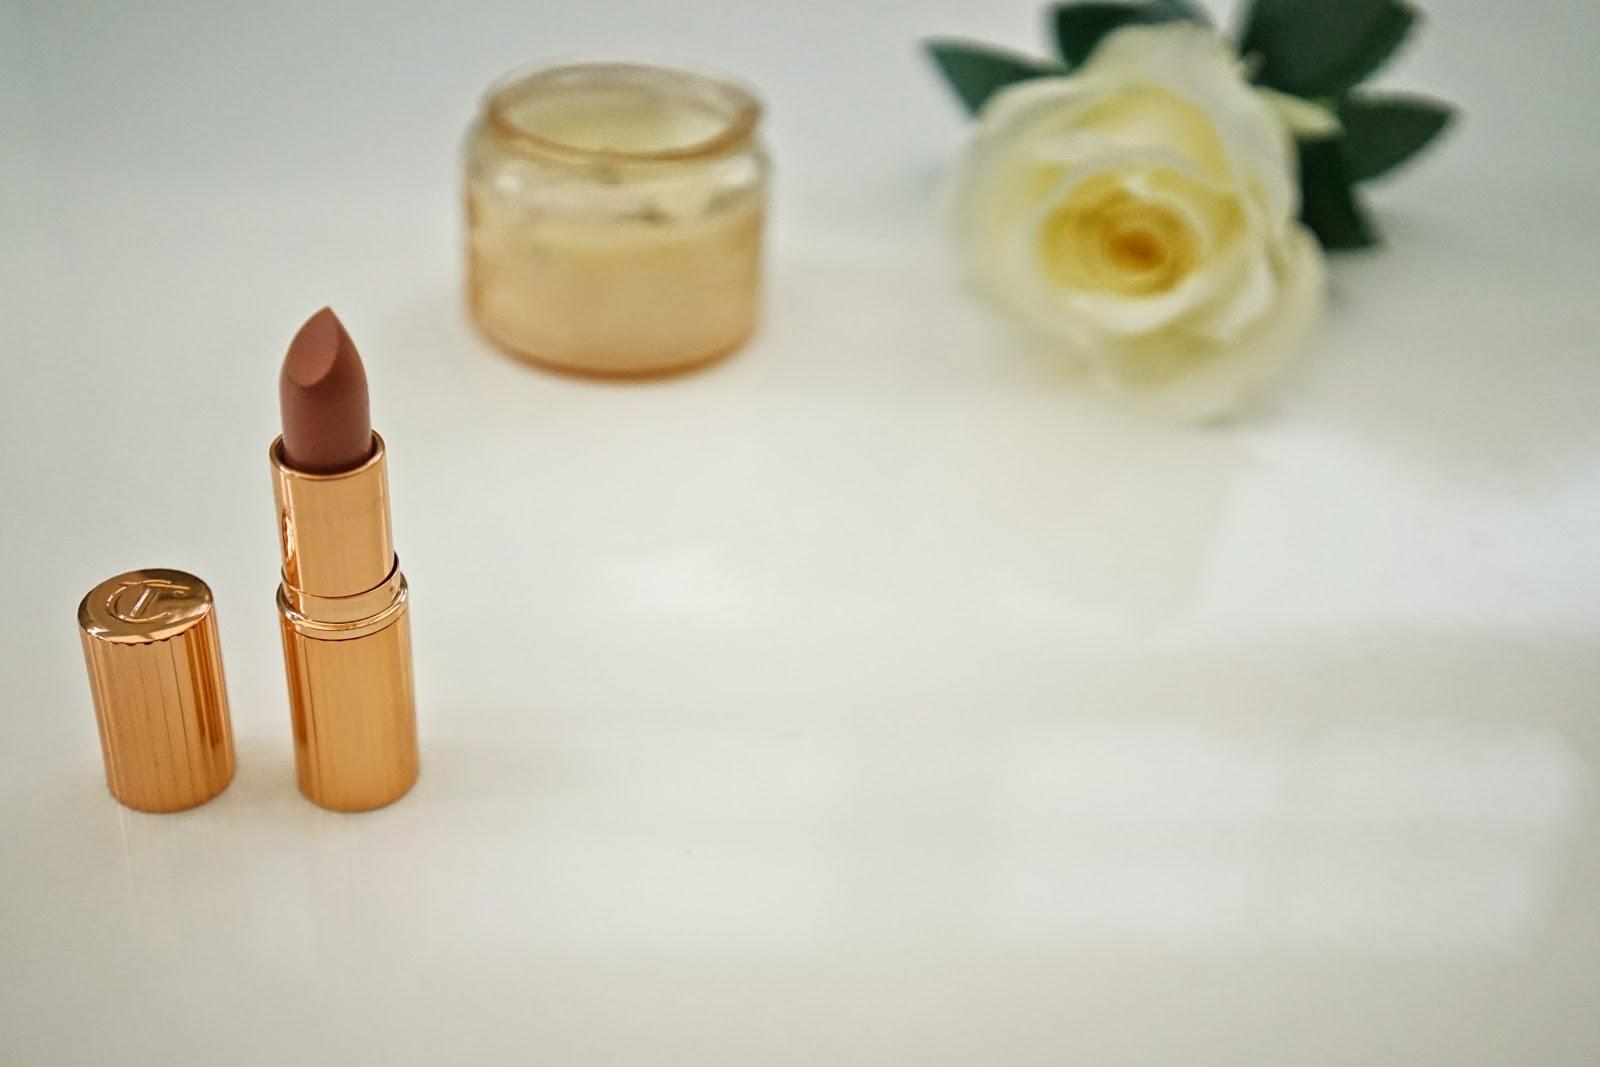 charlotte tilbury k.i.s.s.i.n.g lipstick in nude kate